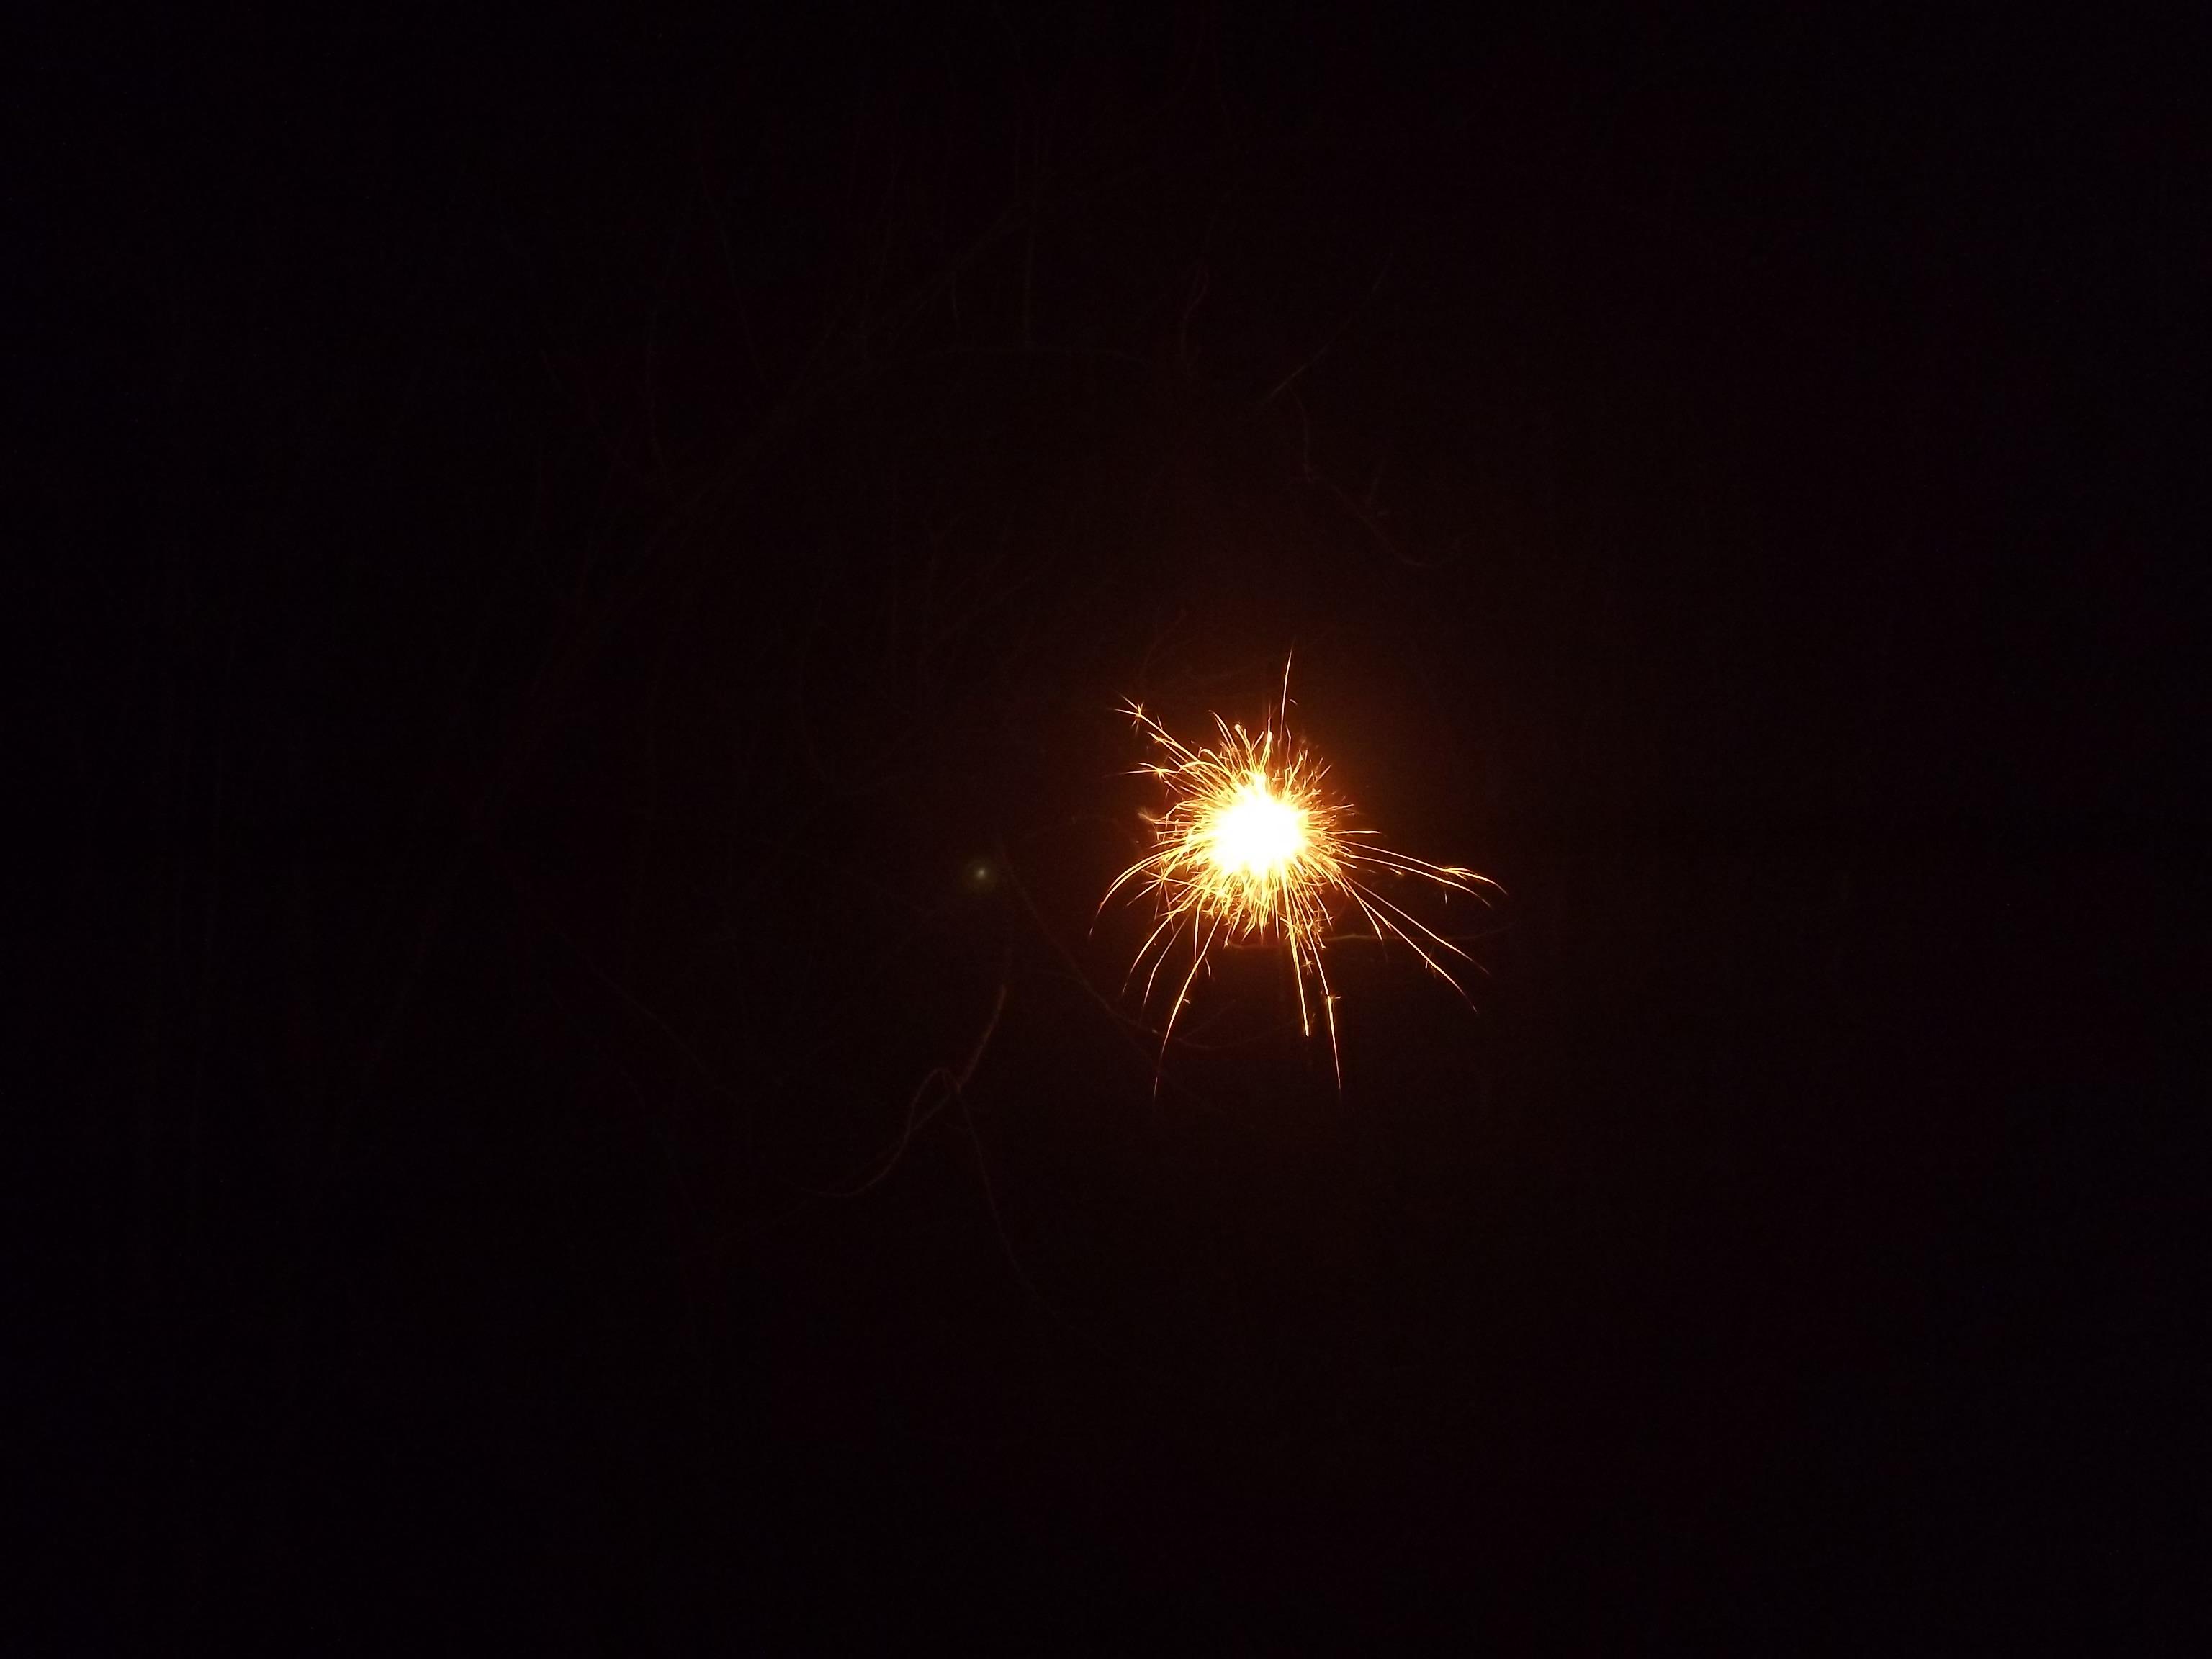 9057-eine-wunderkerze-dunkel